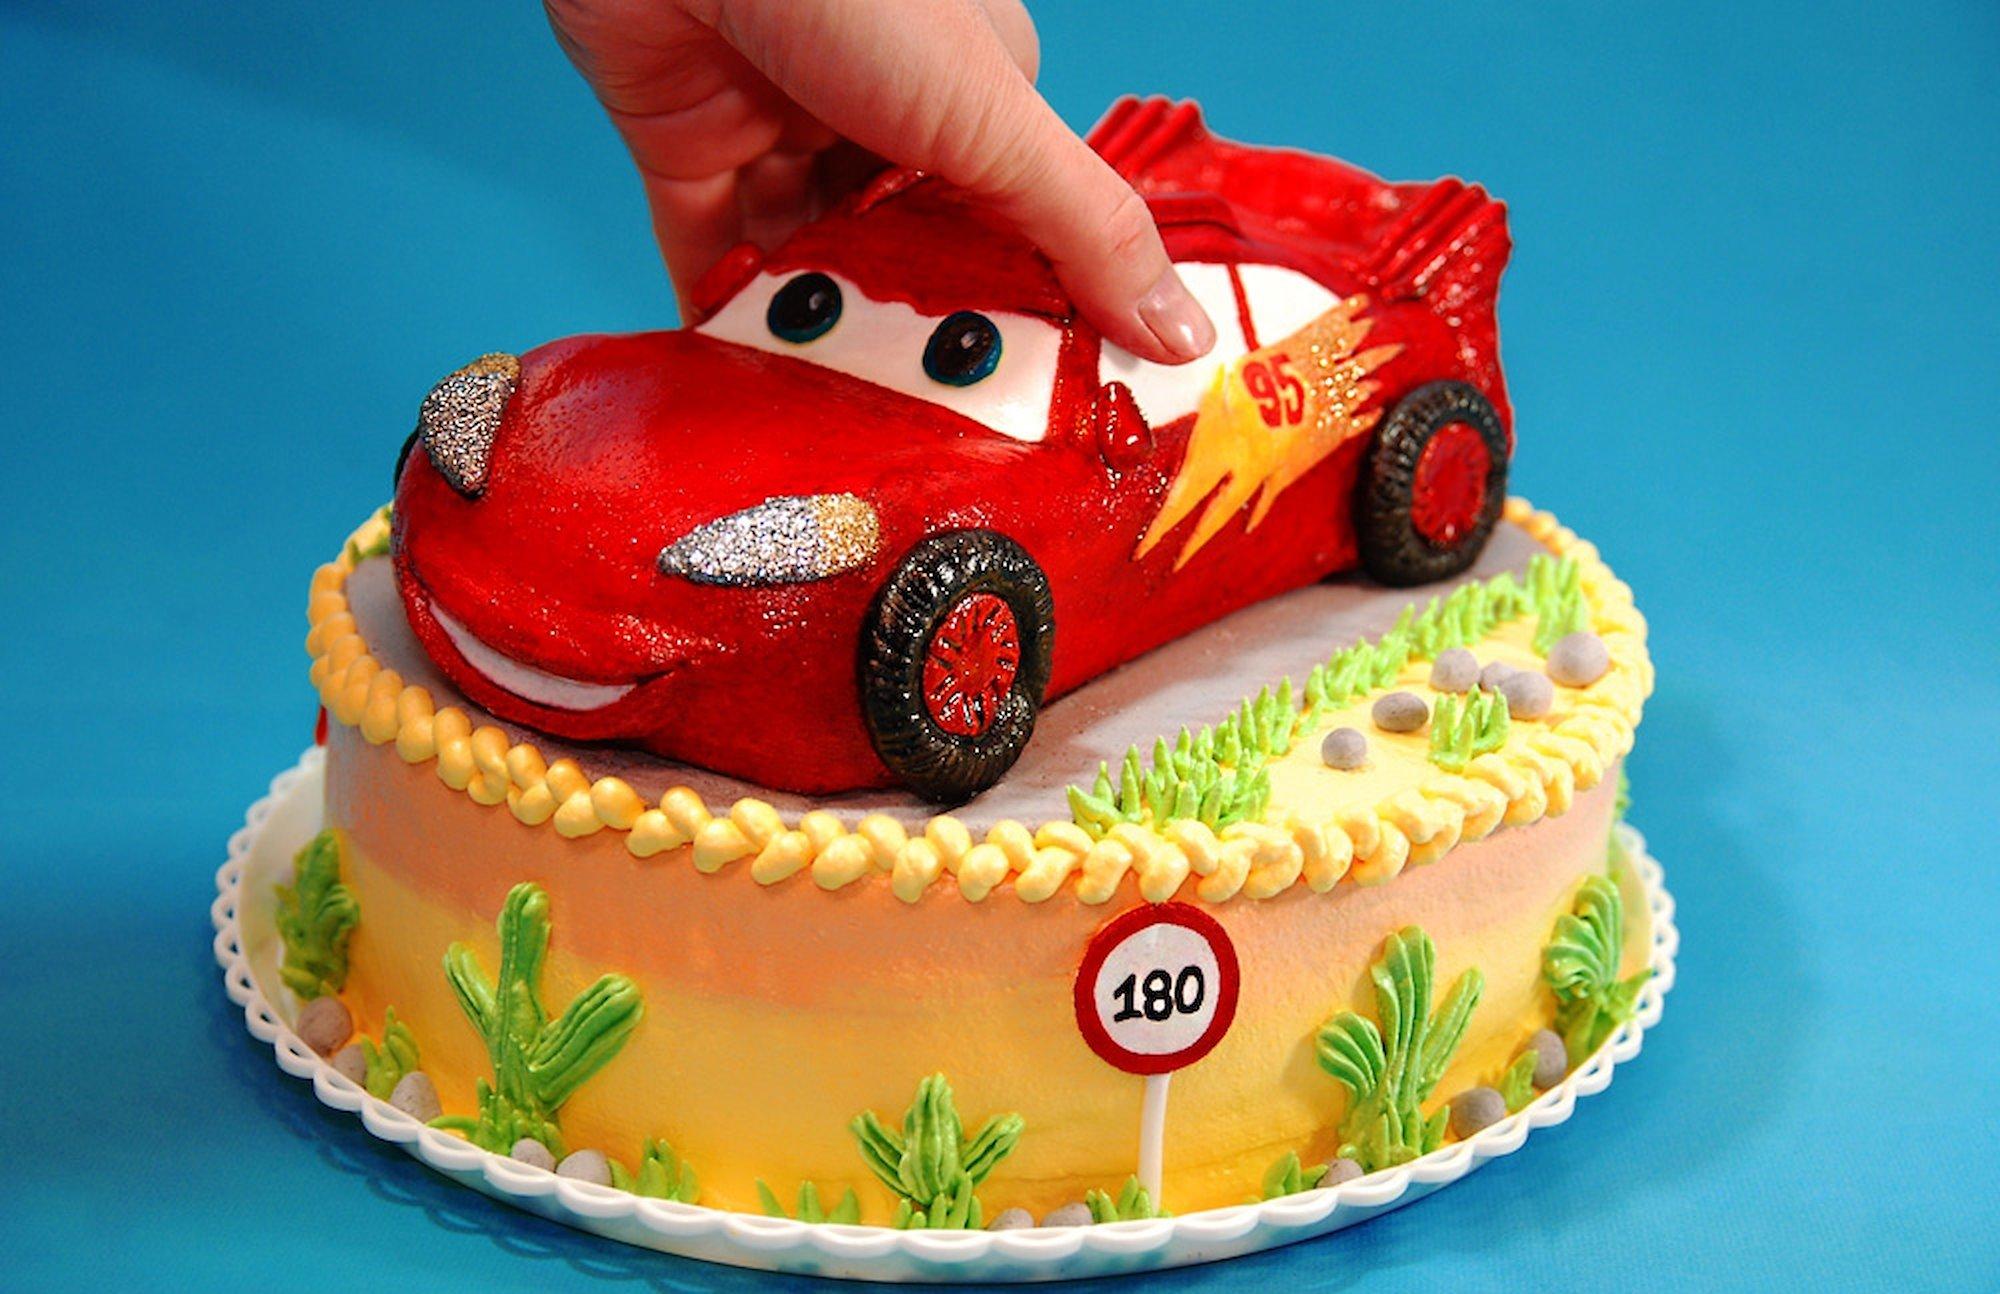 Картинки для мальчиков машинки для детей красиве на день рождения